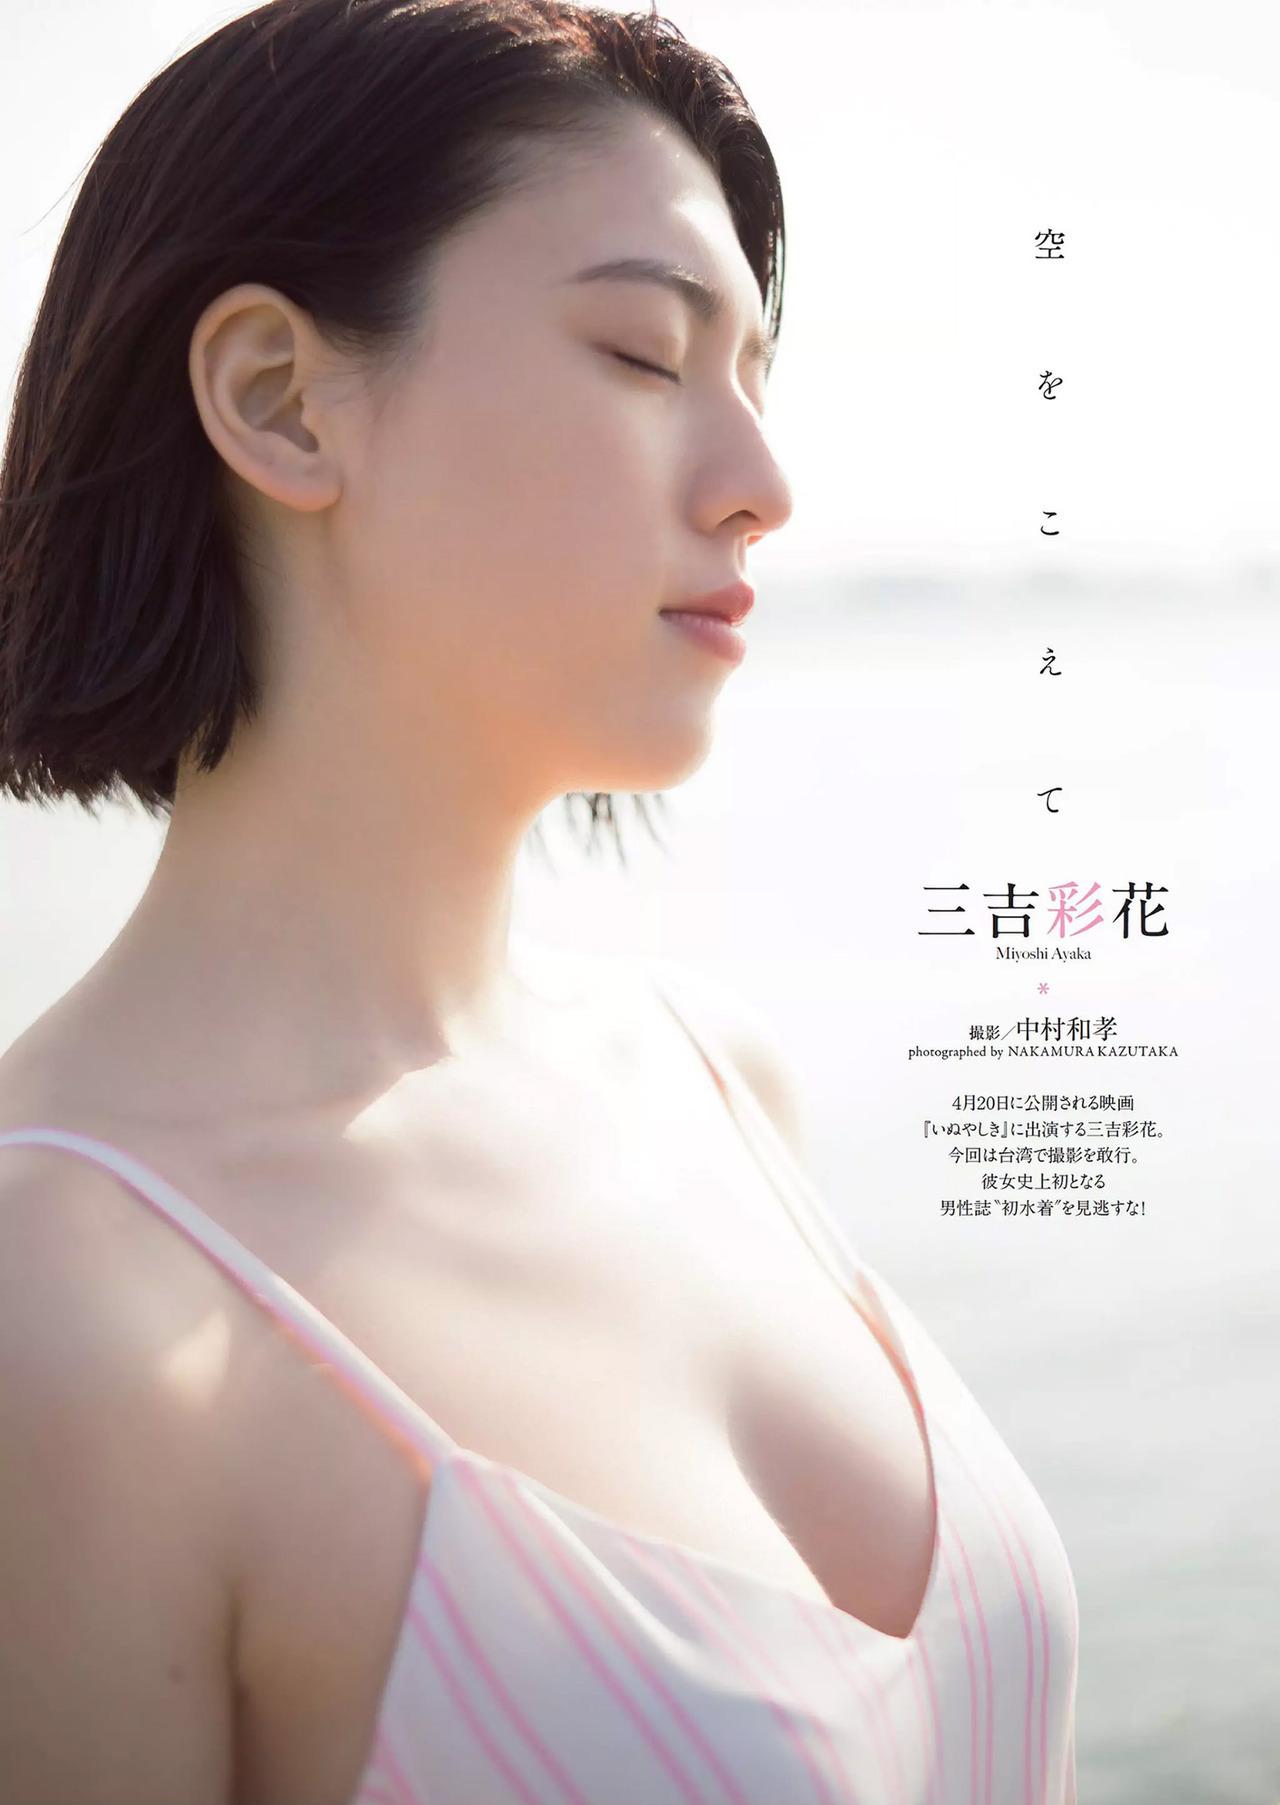 周杰伦新歌《说好不哭》发布,MV女主角三吉彩花吸睛